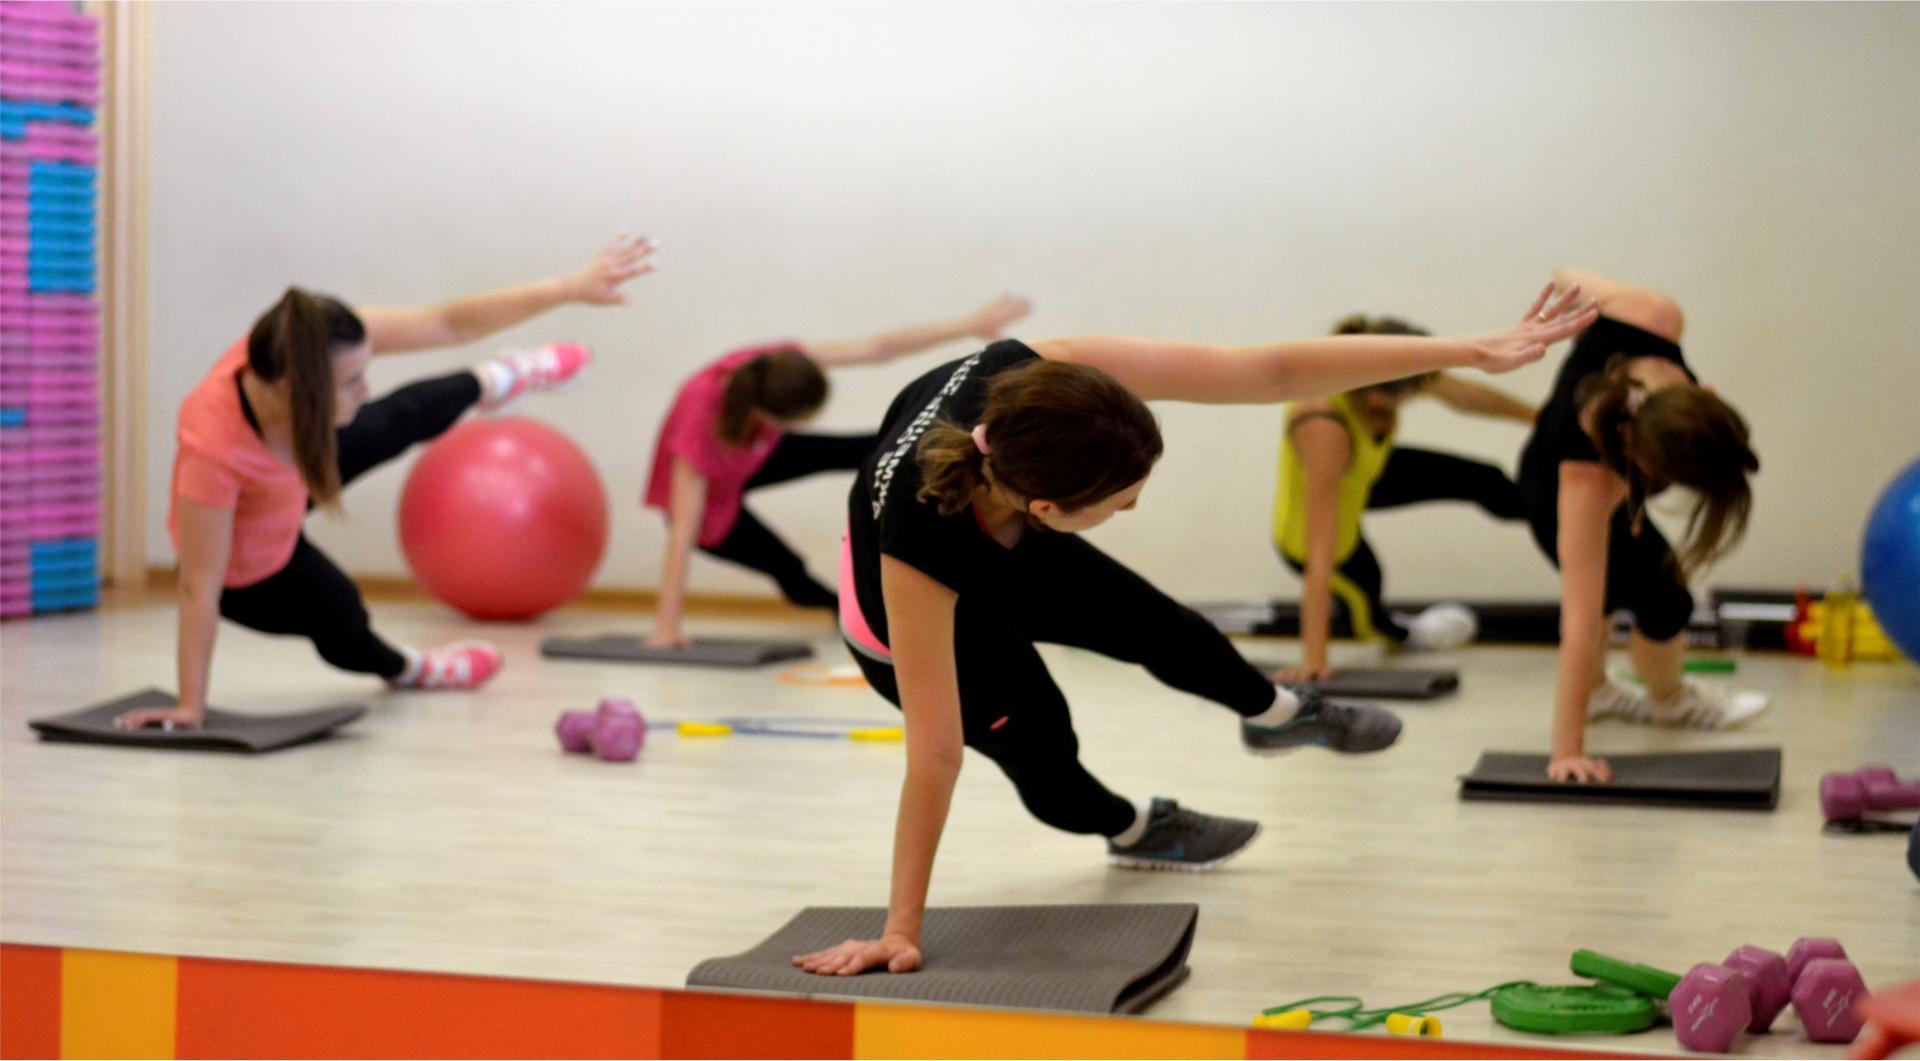 Тренировка Табата: в чем ее особенности и отличие от обычных кардио или силовых тренировок